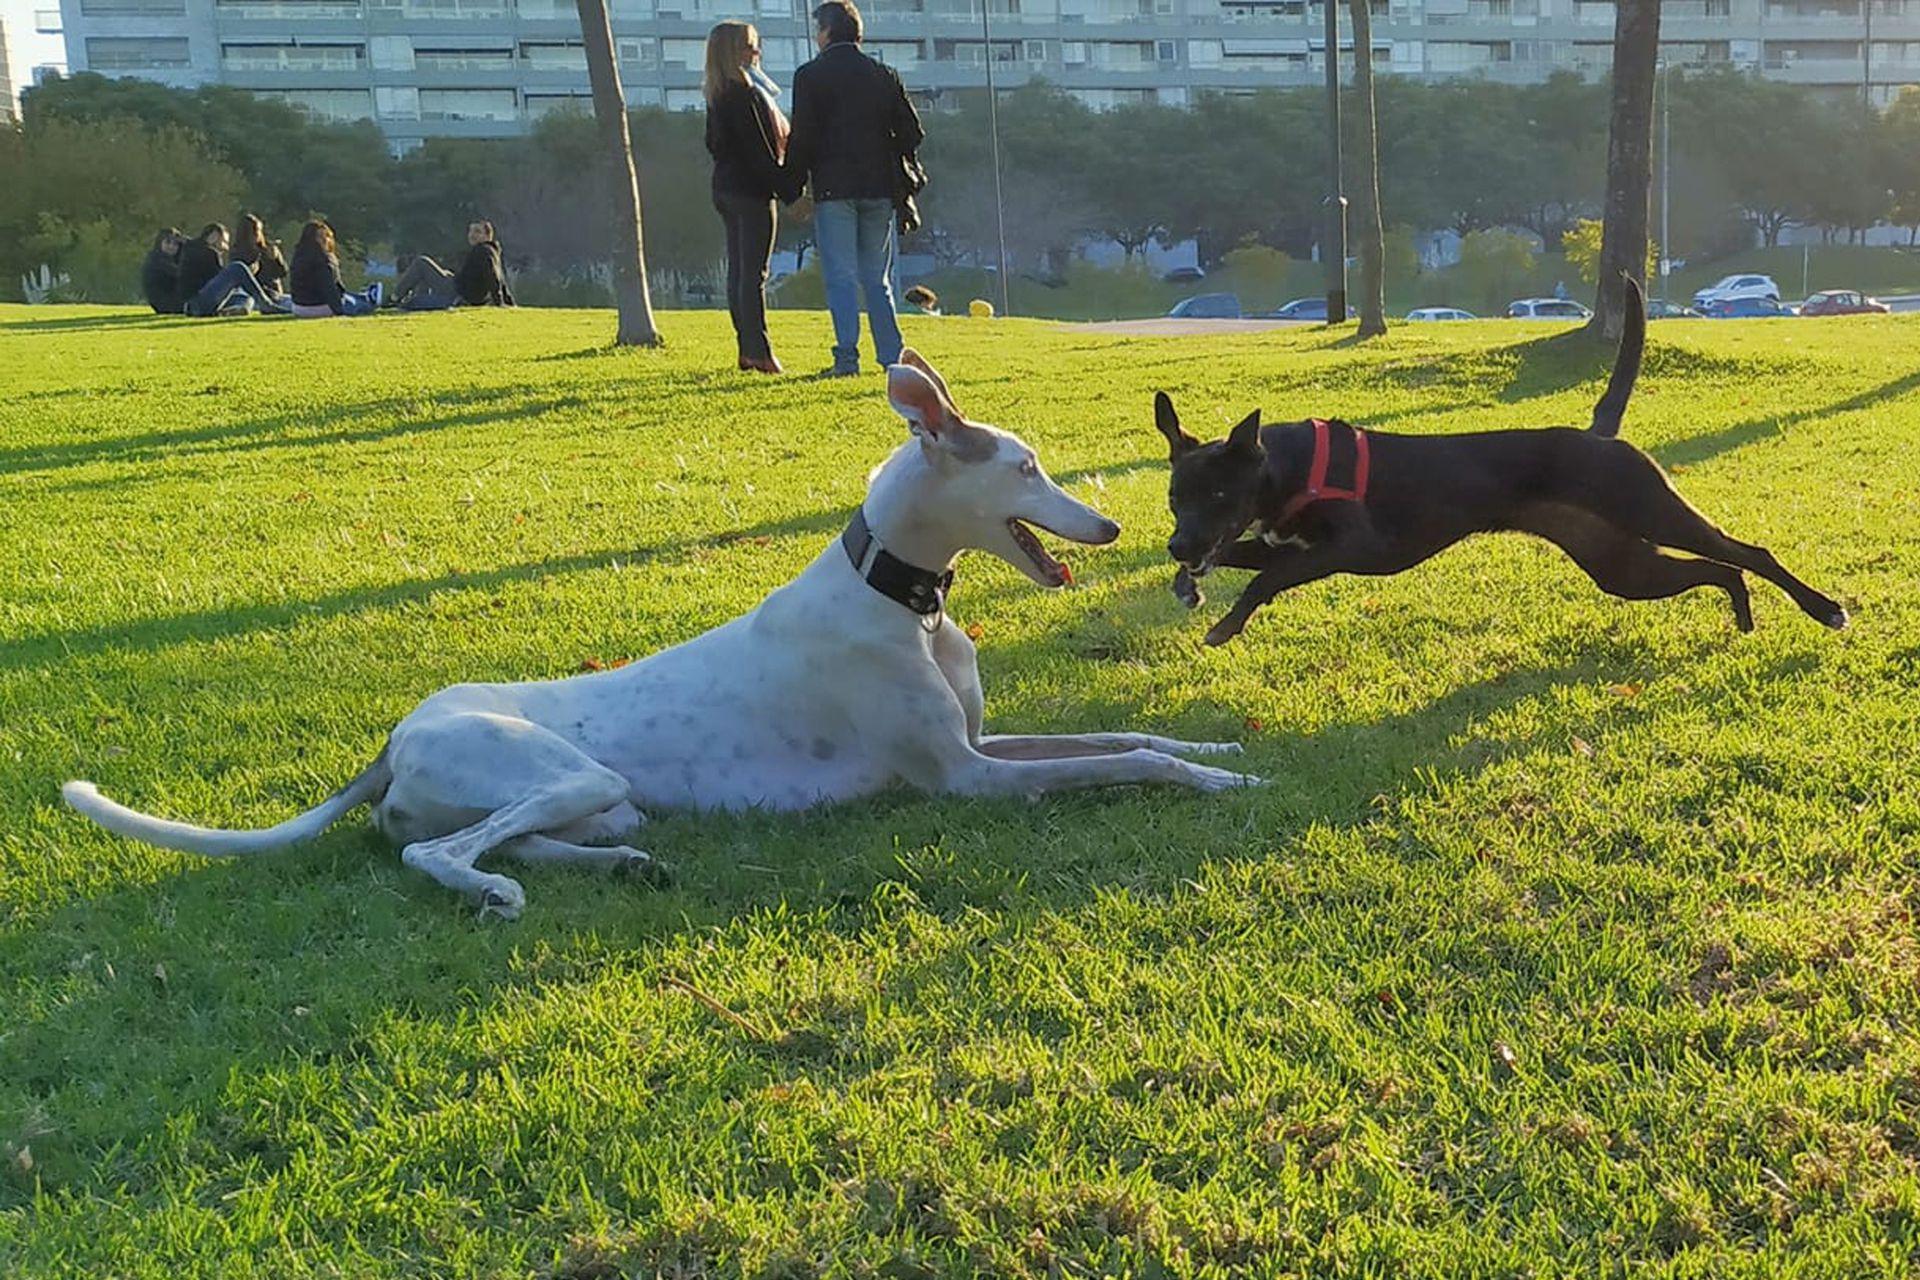 Una postal de domingo: en el parque con amigos.